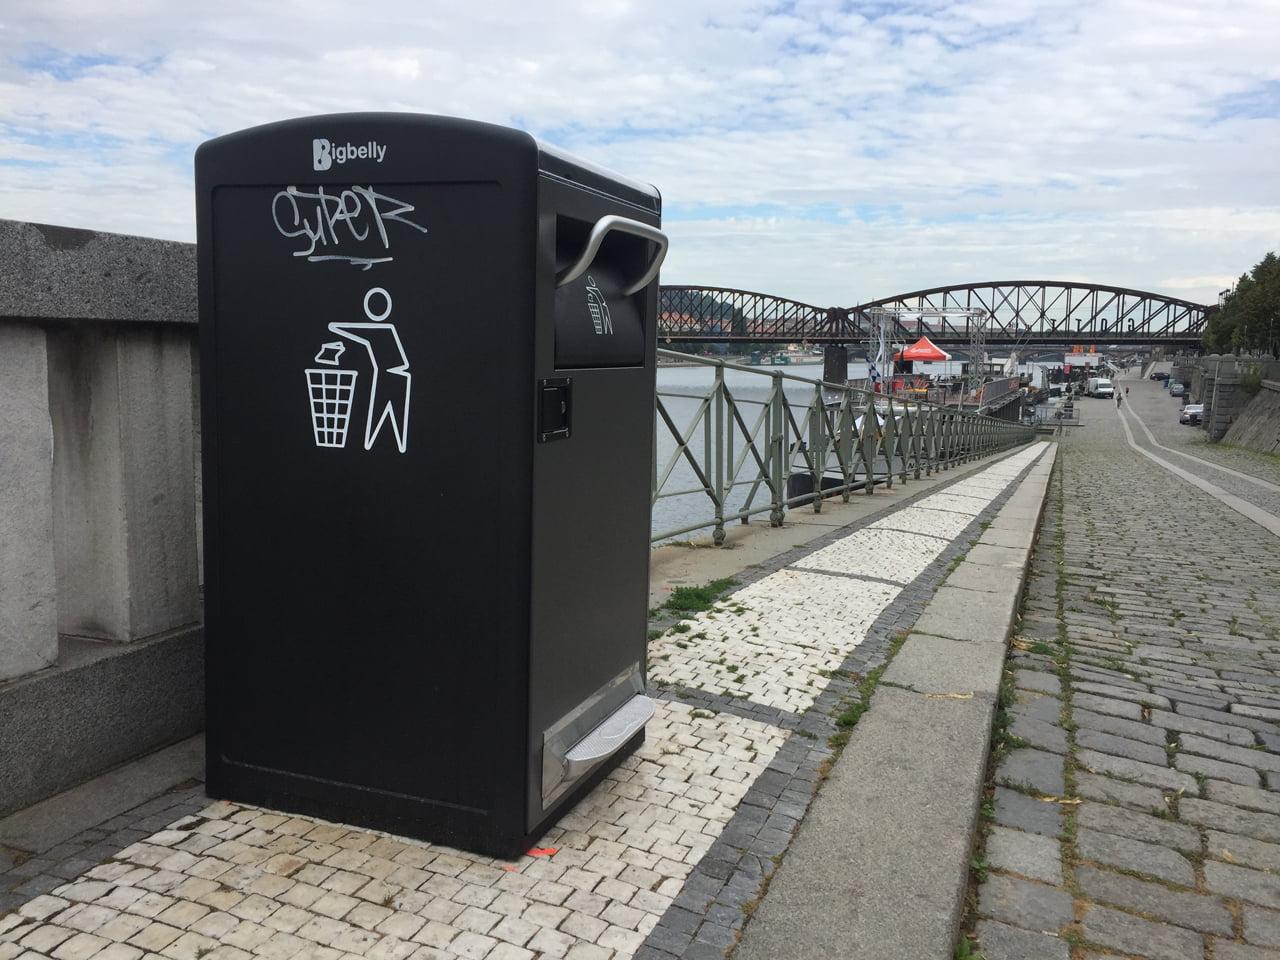 Chytré odpadkové koše Bigbelly v ulicích Prahy